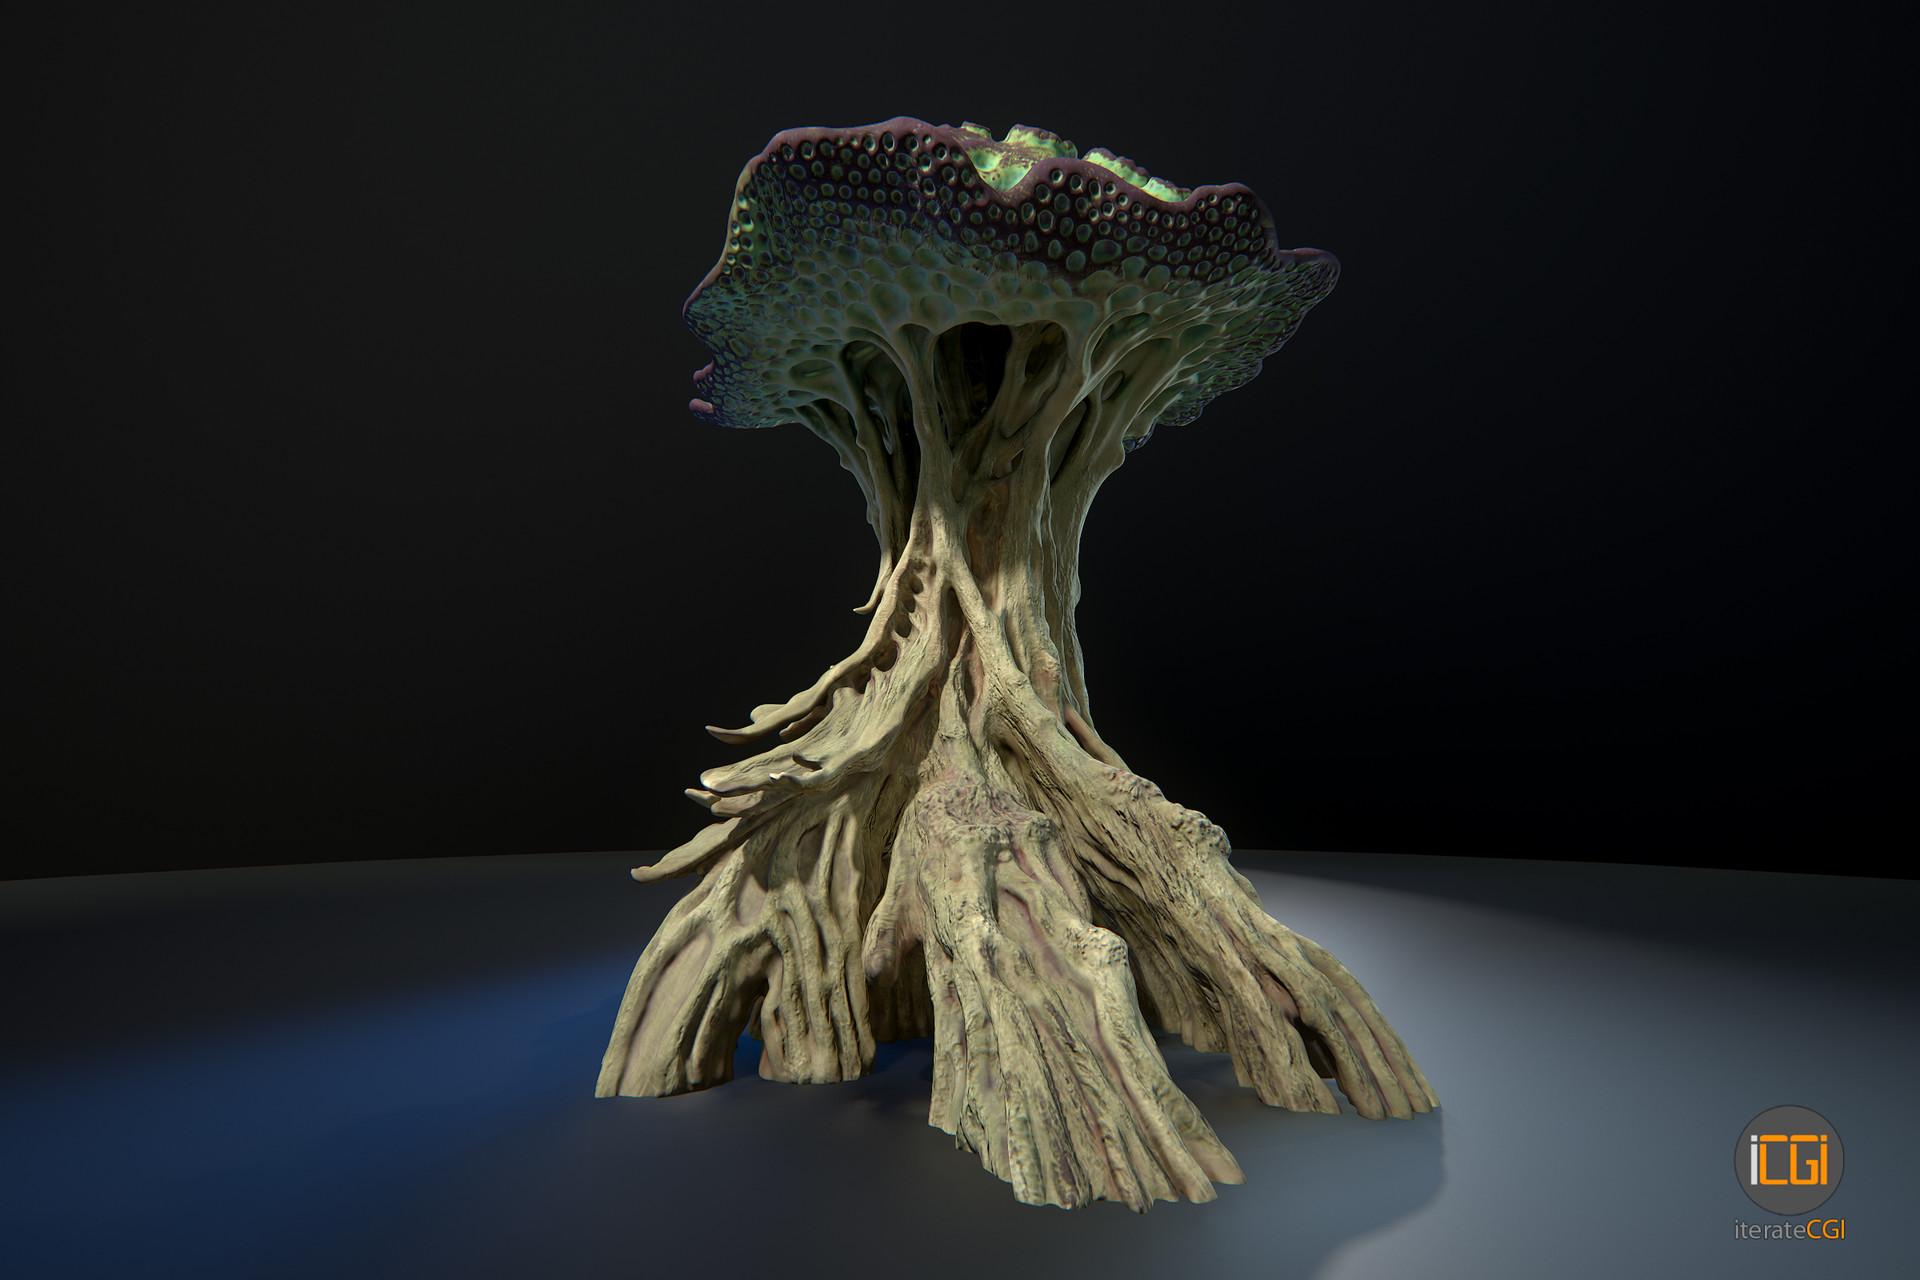 Johan de leenheer alien plant mushroom type2 2